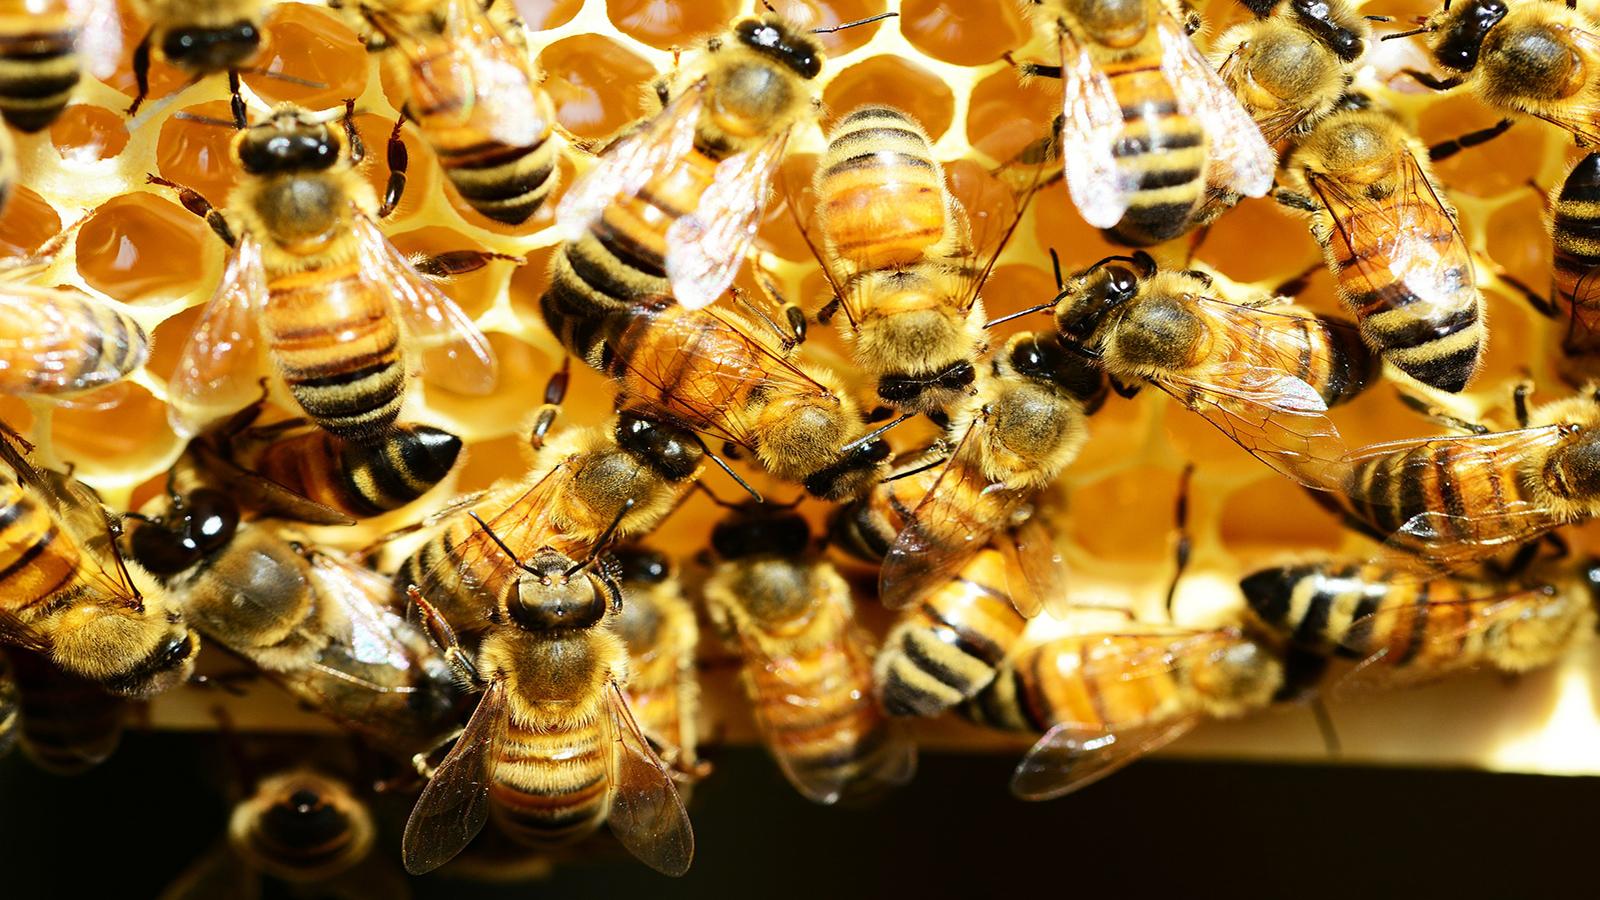 L'apiculture, tout un univers ! Allons butiner quelques infos…